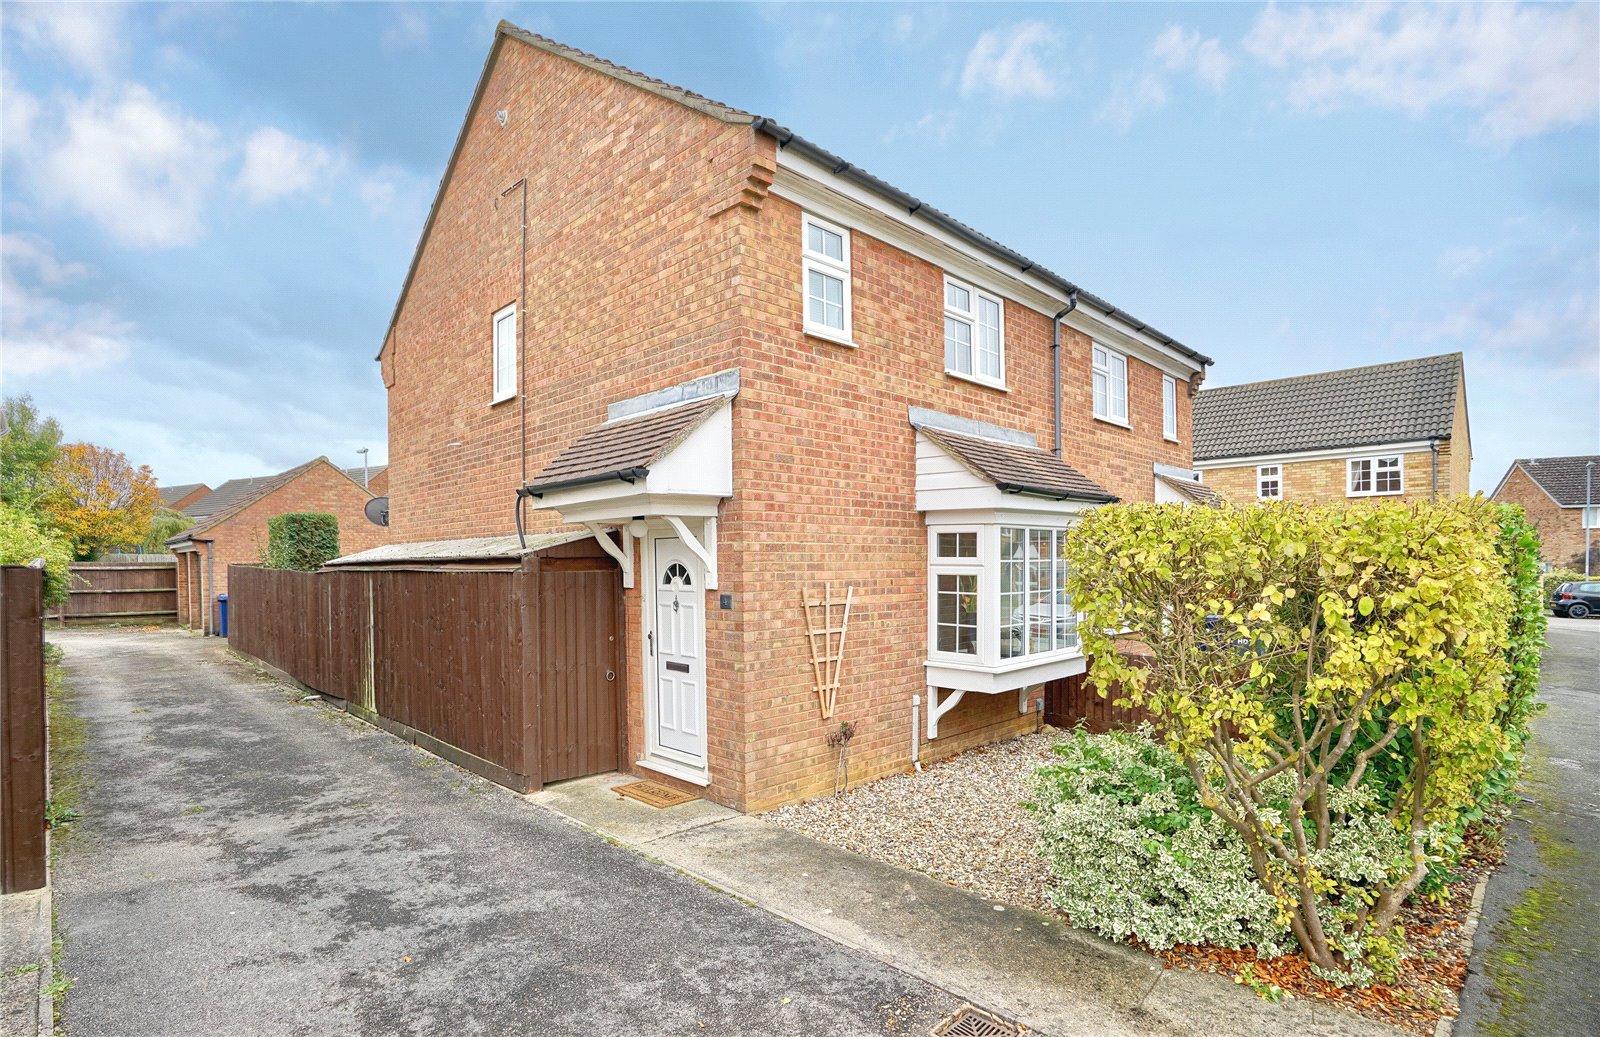 3 bed house for sale in Eaton Socon, Chawston Close, PE19 8QB, PE19